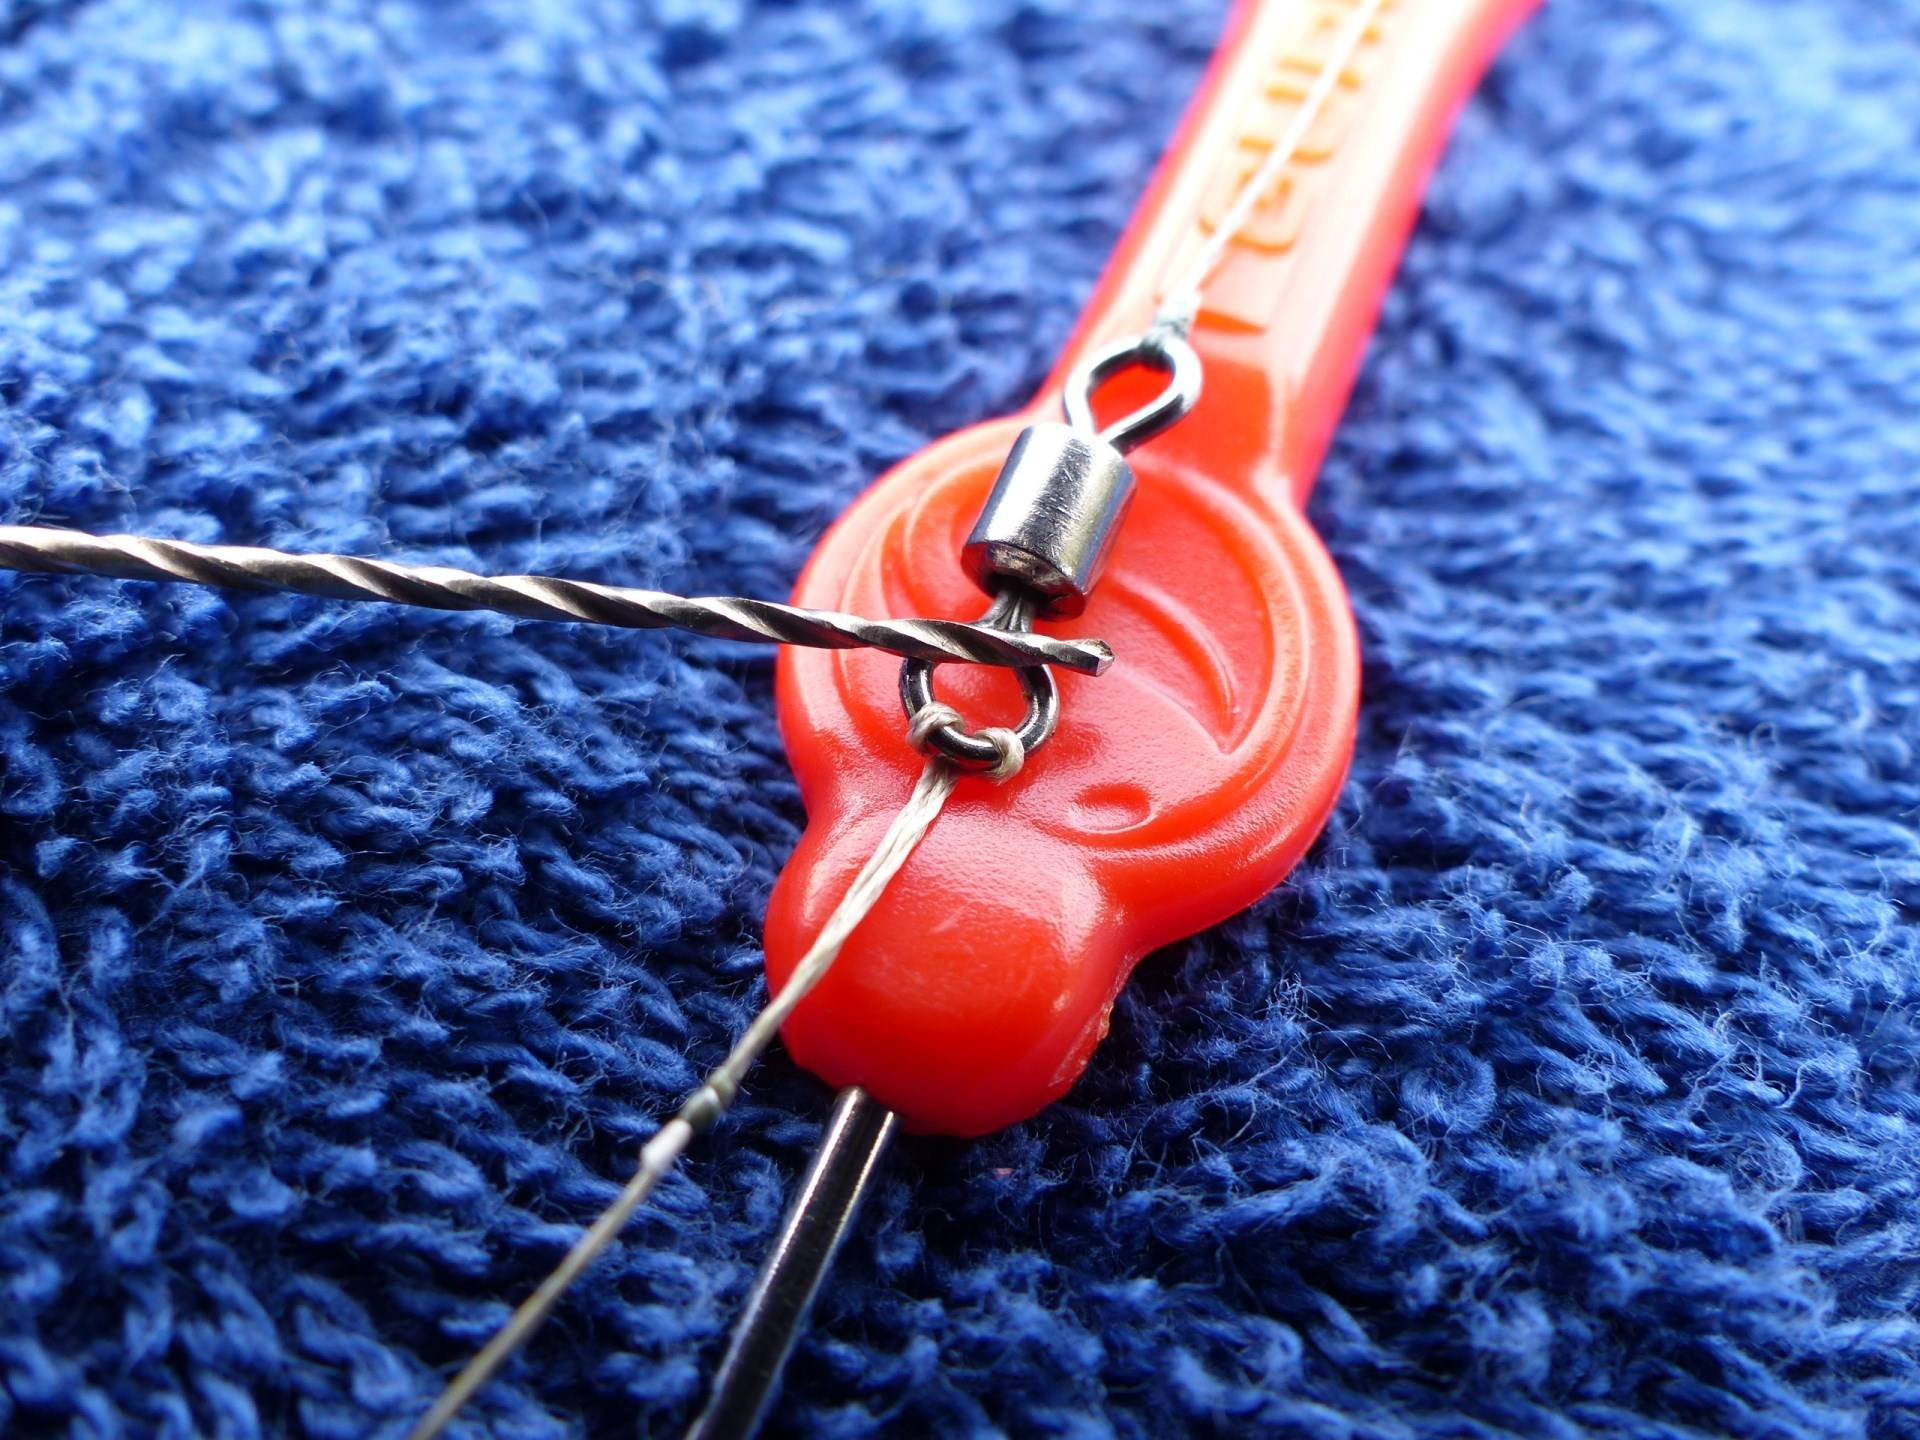 """2. lépés: Egy vékony fűzőtű vagy csalifúró segítségével (akár körömmel óvatosan) a kis hurok két """"szálát"""" ellentétes irányba mozdítva szét kell választani egymástól…"""